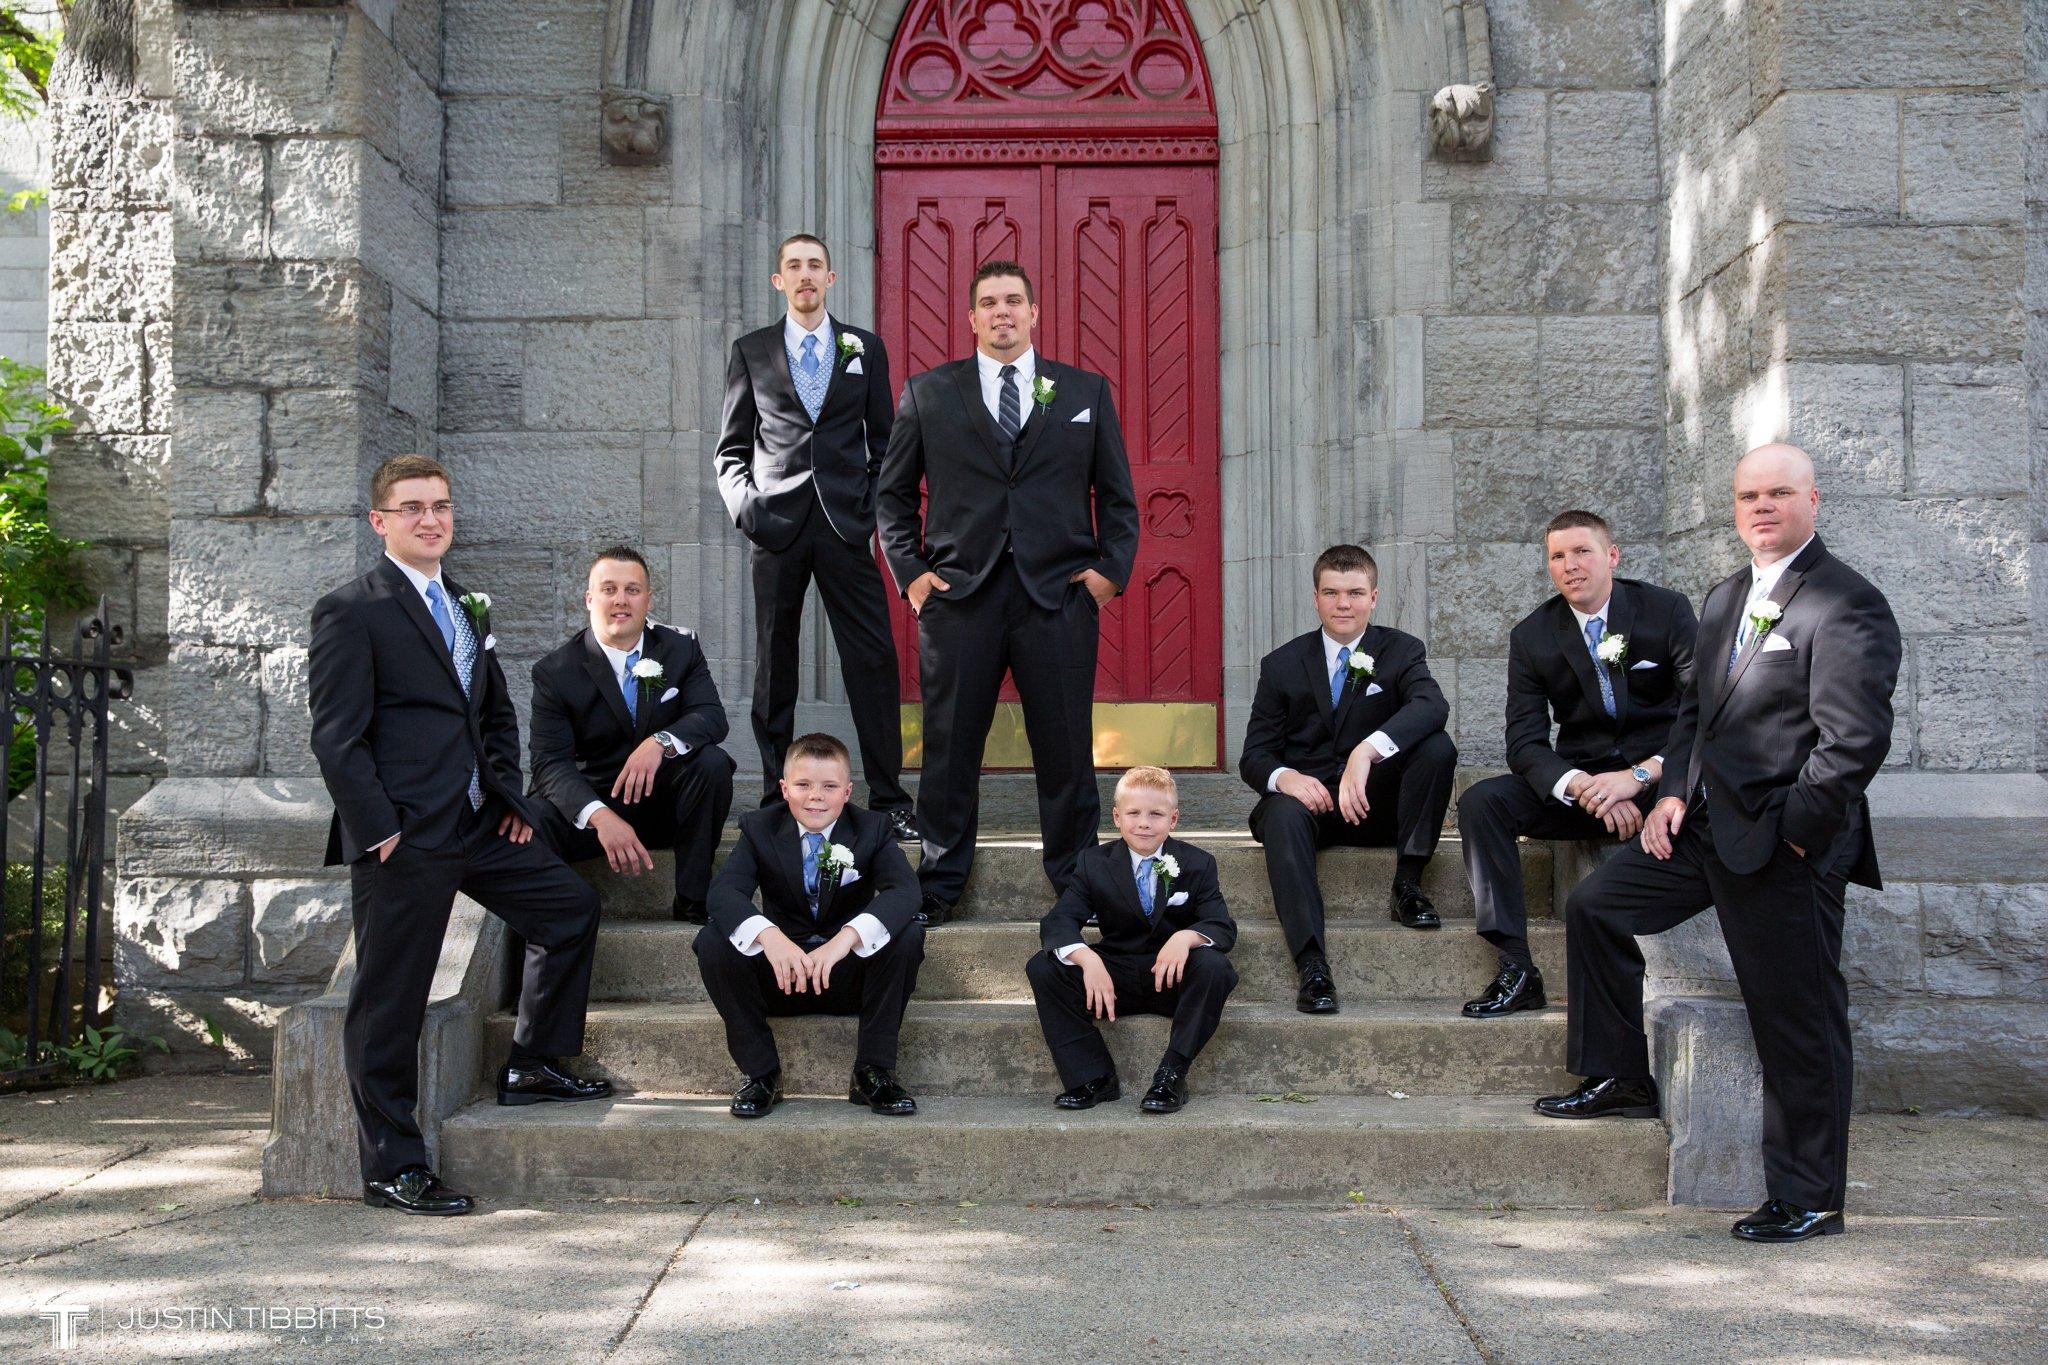 Albany NY Wedding Photographer Justin Tibbitts Photography 2014 Best of Albany NY Weddings-4425136